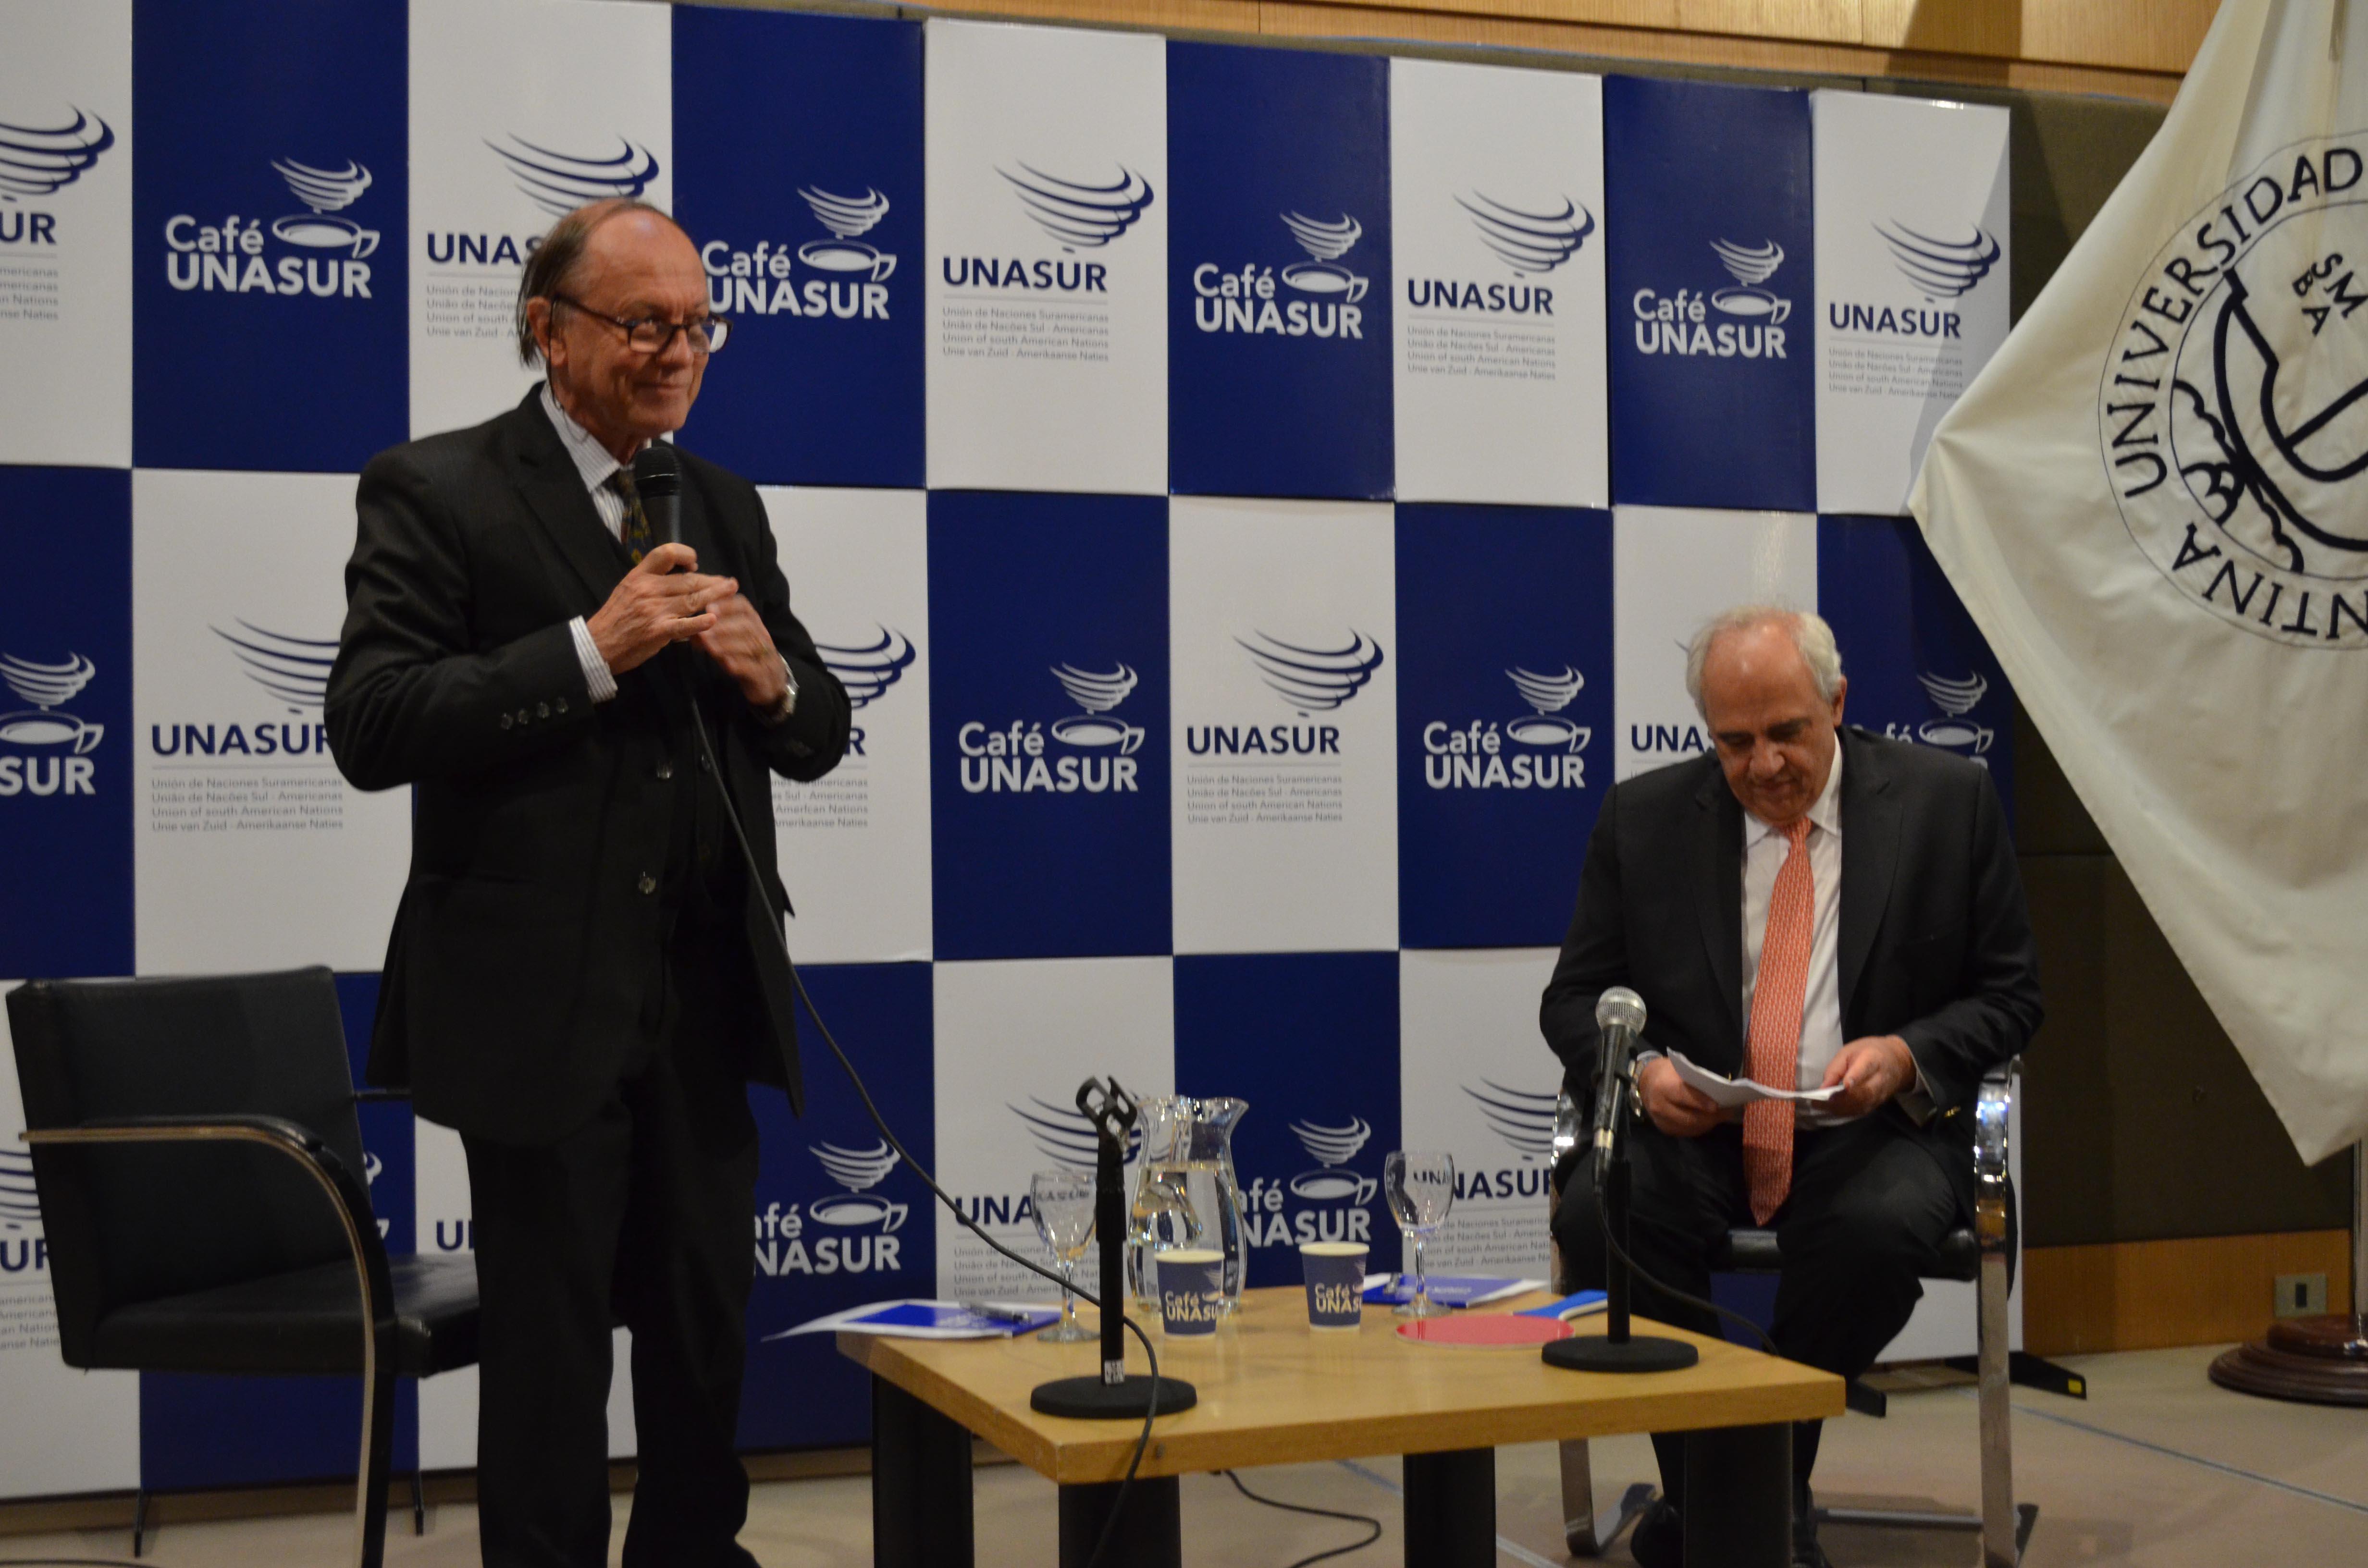 Se realizó el evento Cafe Unasur en la UCA